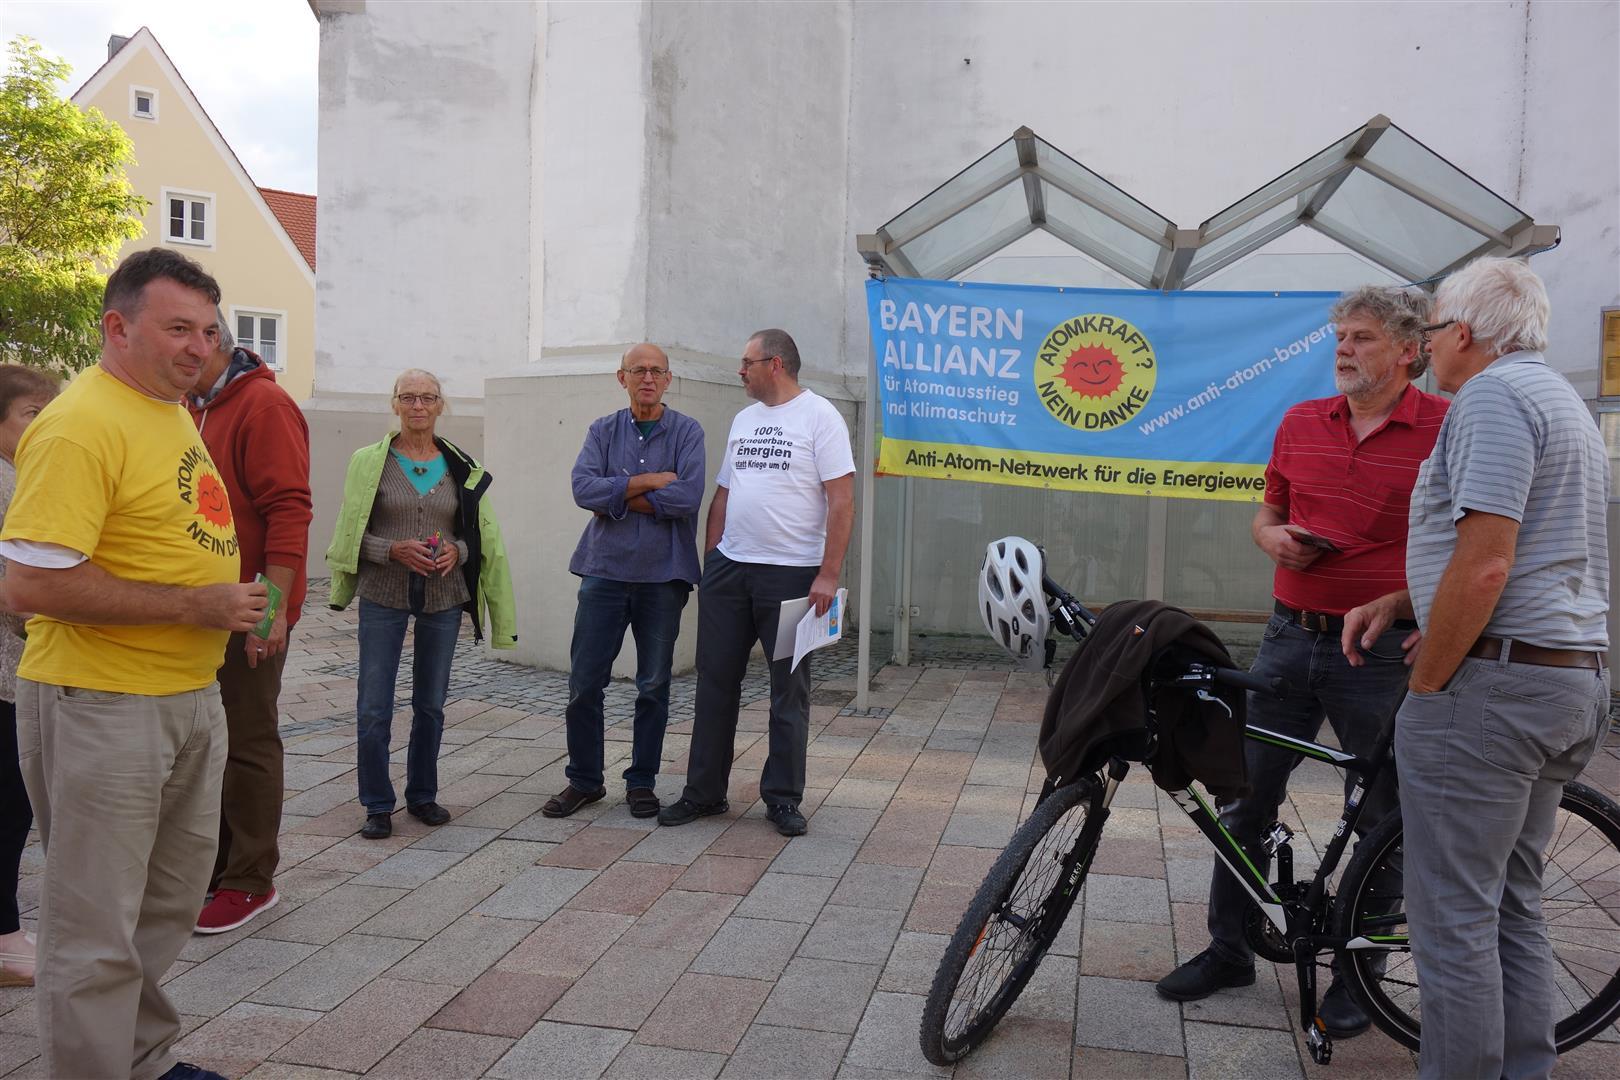 ©Bayern Allianz für Atomausstieg und Klimaschutz (BAAK)